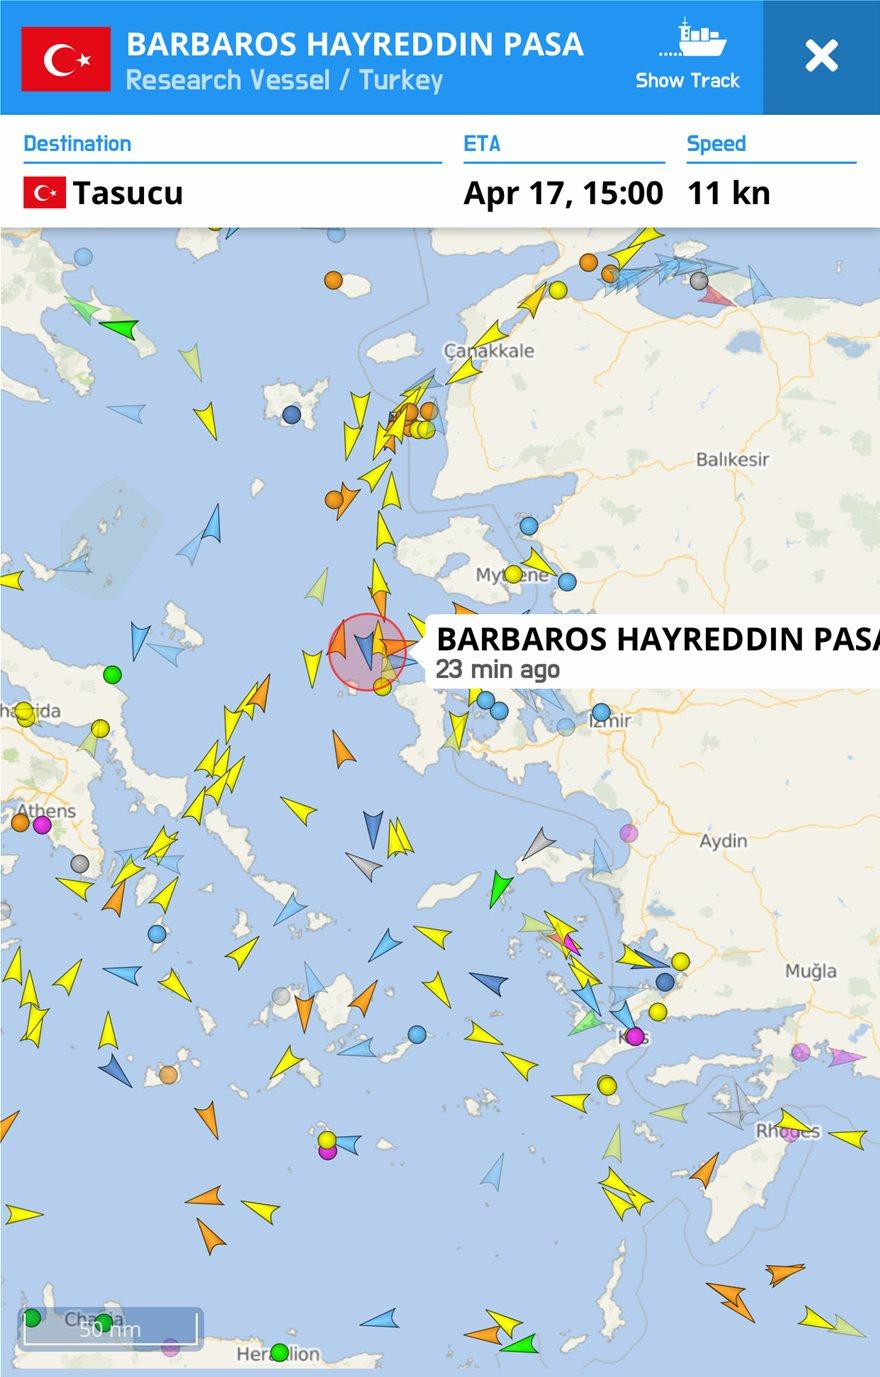 Το Μπαρμπαρός στο Αιγαίο: Μήνυμα Ερντογάν, ή τυχαίο γεγονός;